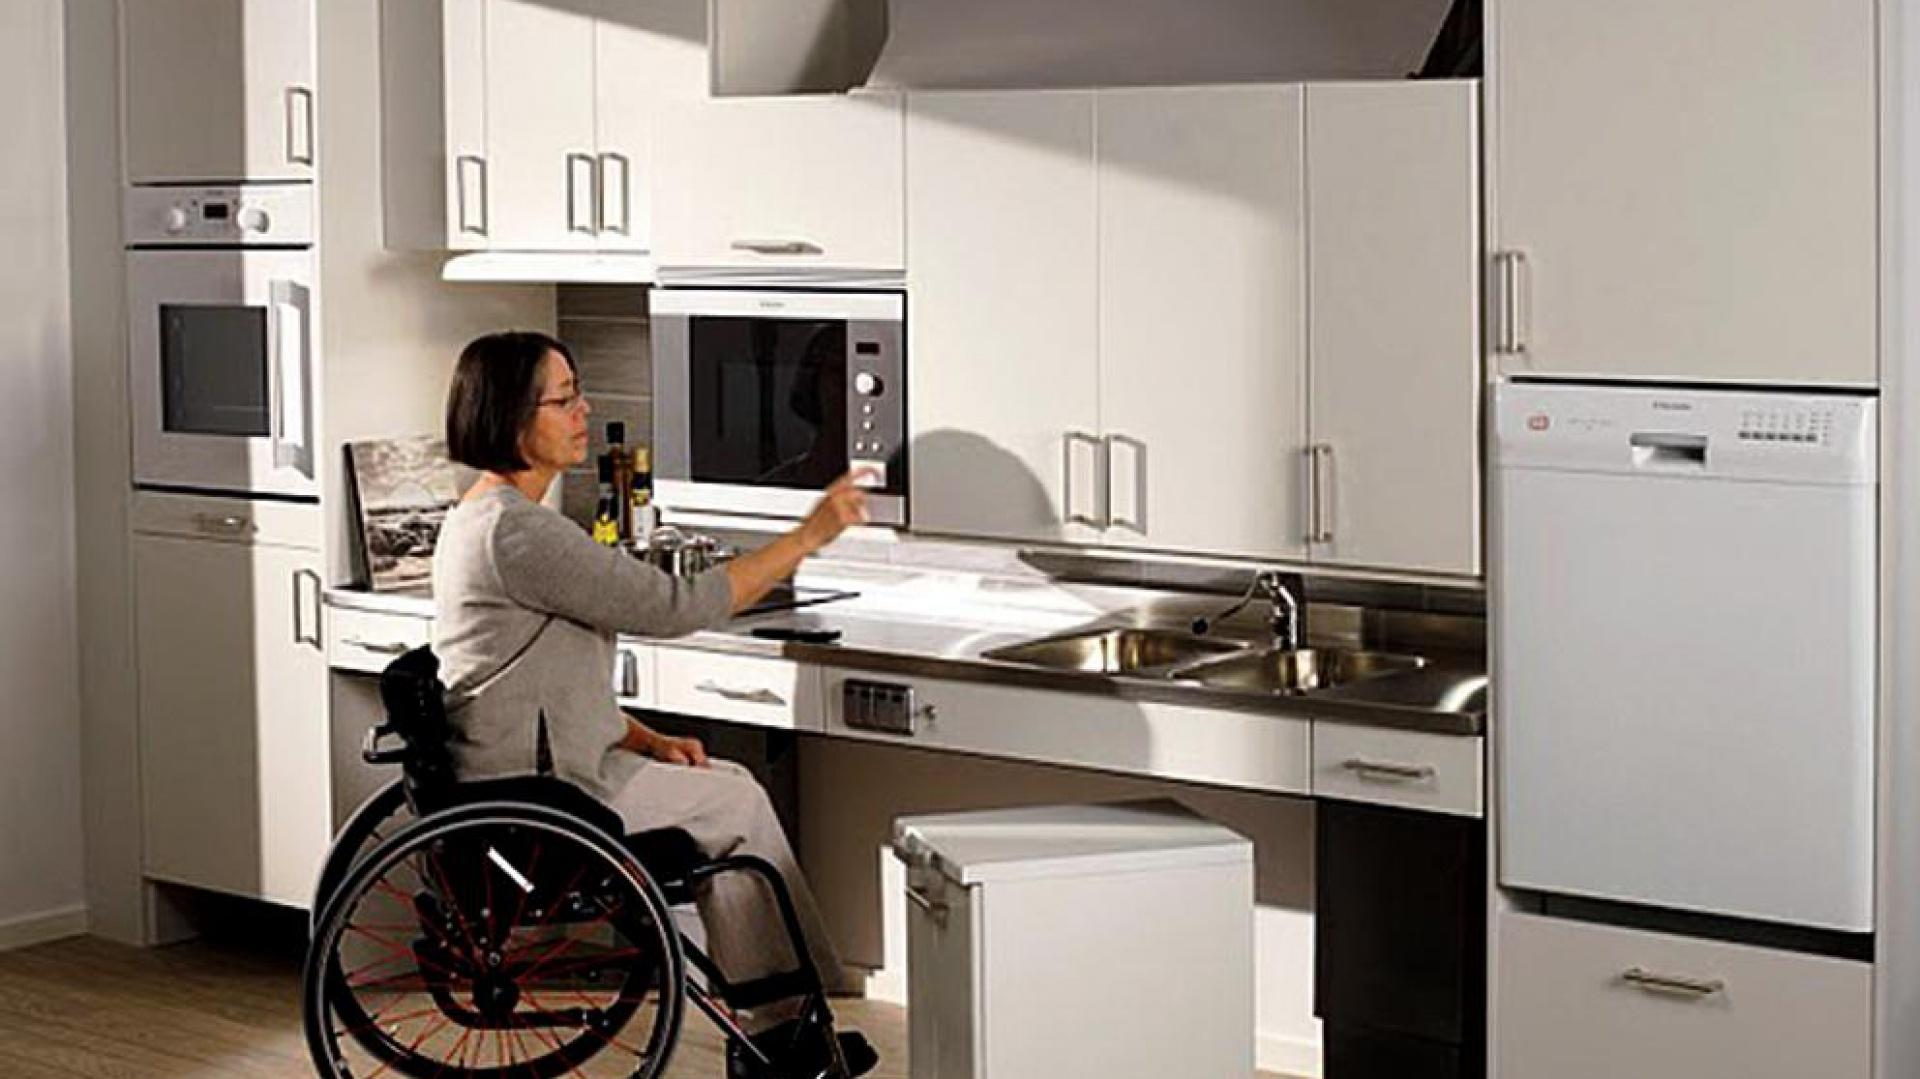 Elektronika W Kuchni To Już Nie Science Fiction